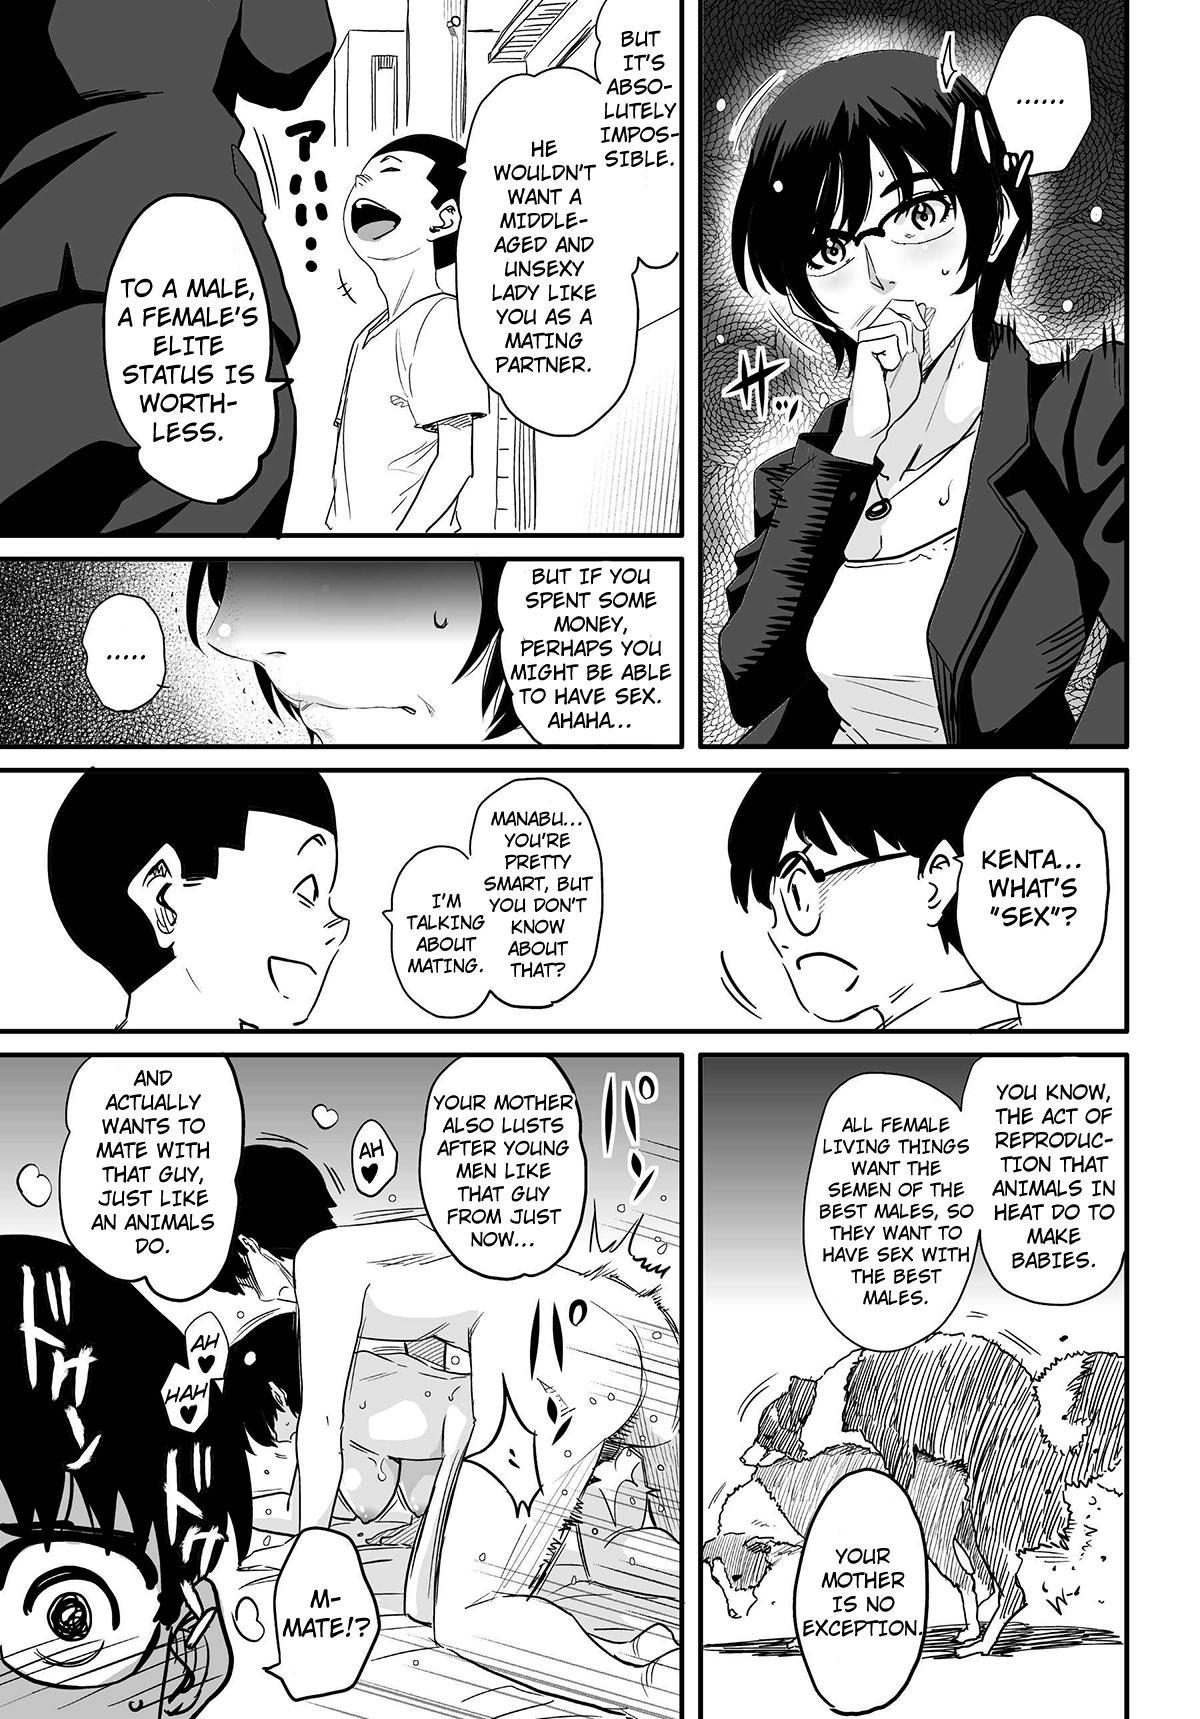 [Hana Hook] Hahaoya Shikkaku - Elite Oyako no M Buta Netorare Tenraku Jinsei & Epilogue Oyako-hen [English/Completed] 8